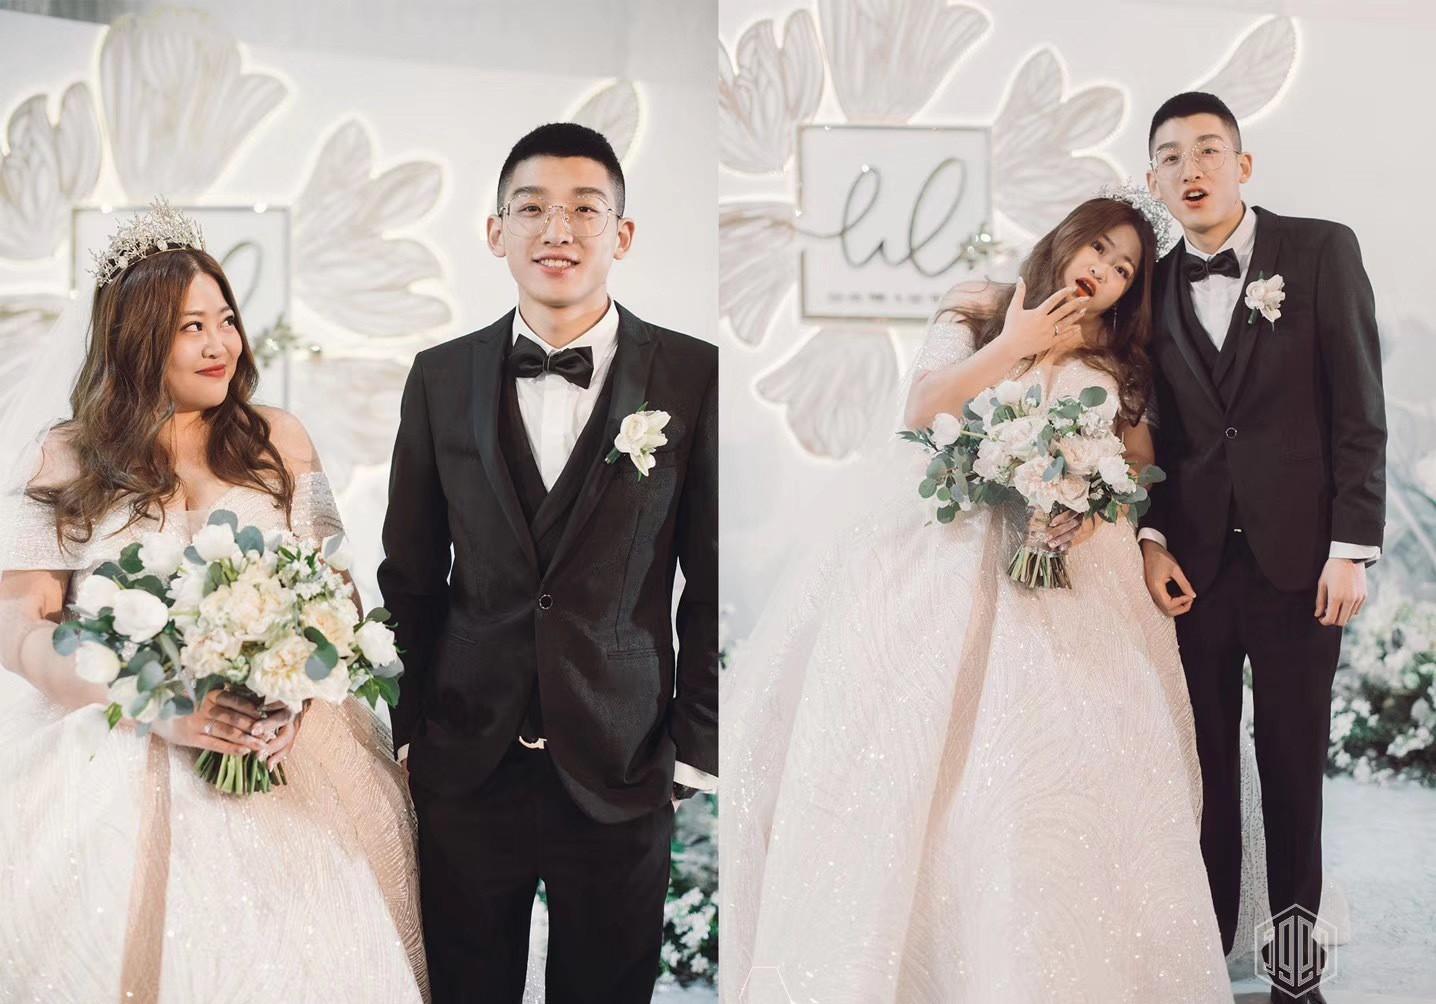 Cặp đôi đũa lệch nổi tiếng nhất Trung Quốc đã chính thức về chung một nhà: Anh muốn cho em một đời hạnh phúc! - Ảnh 2.